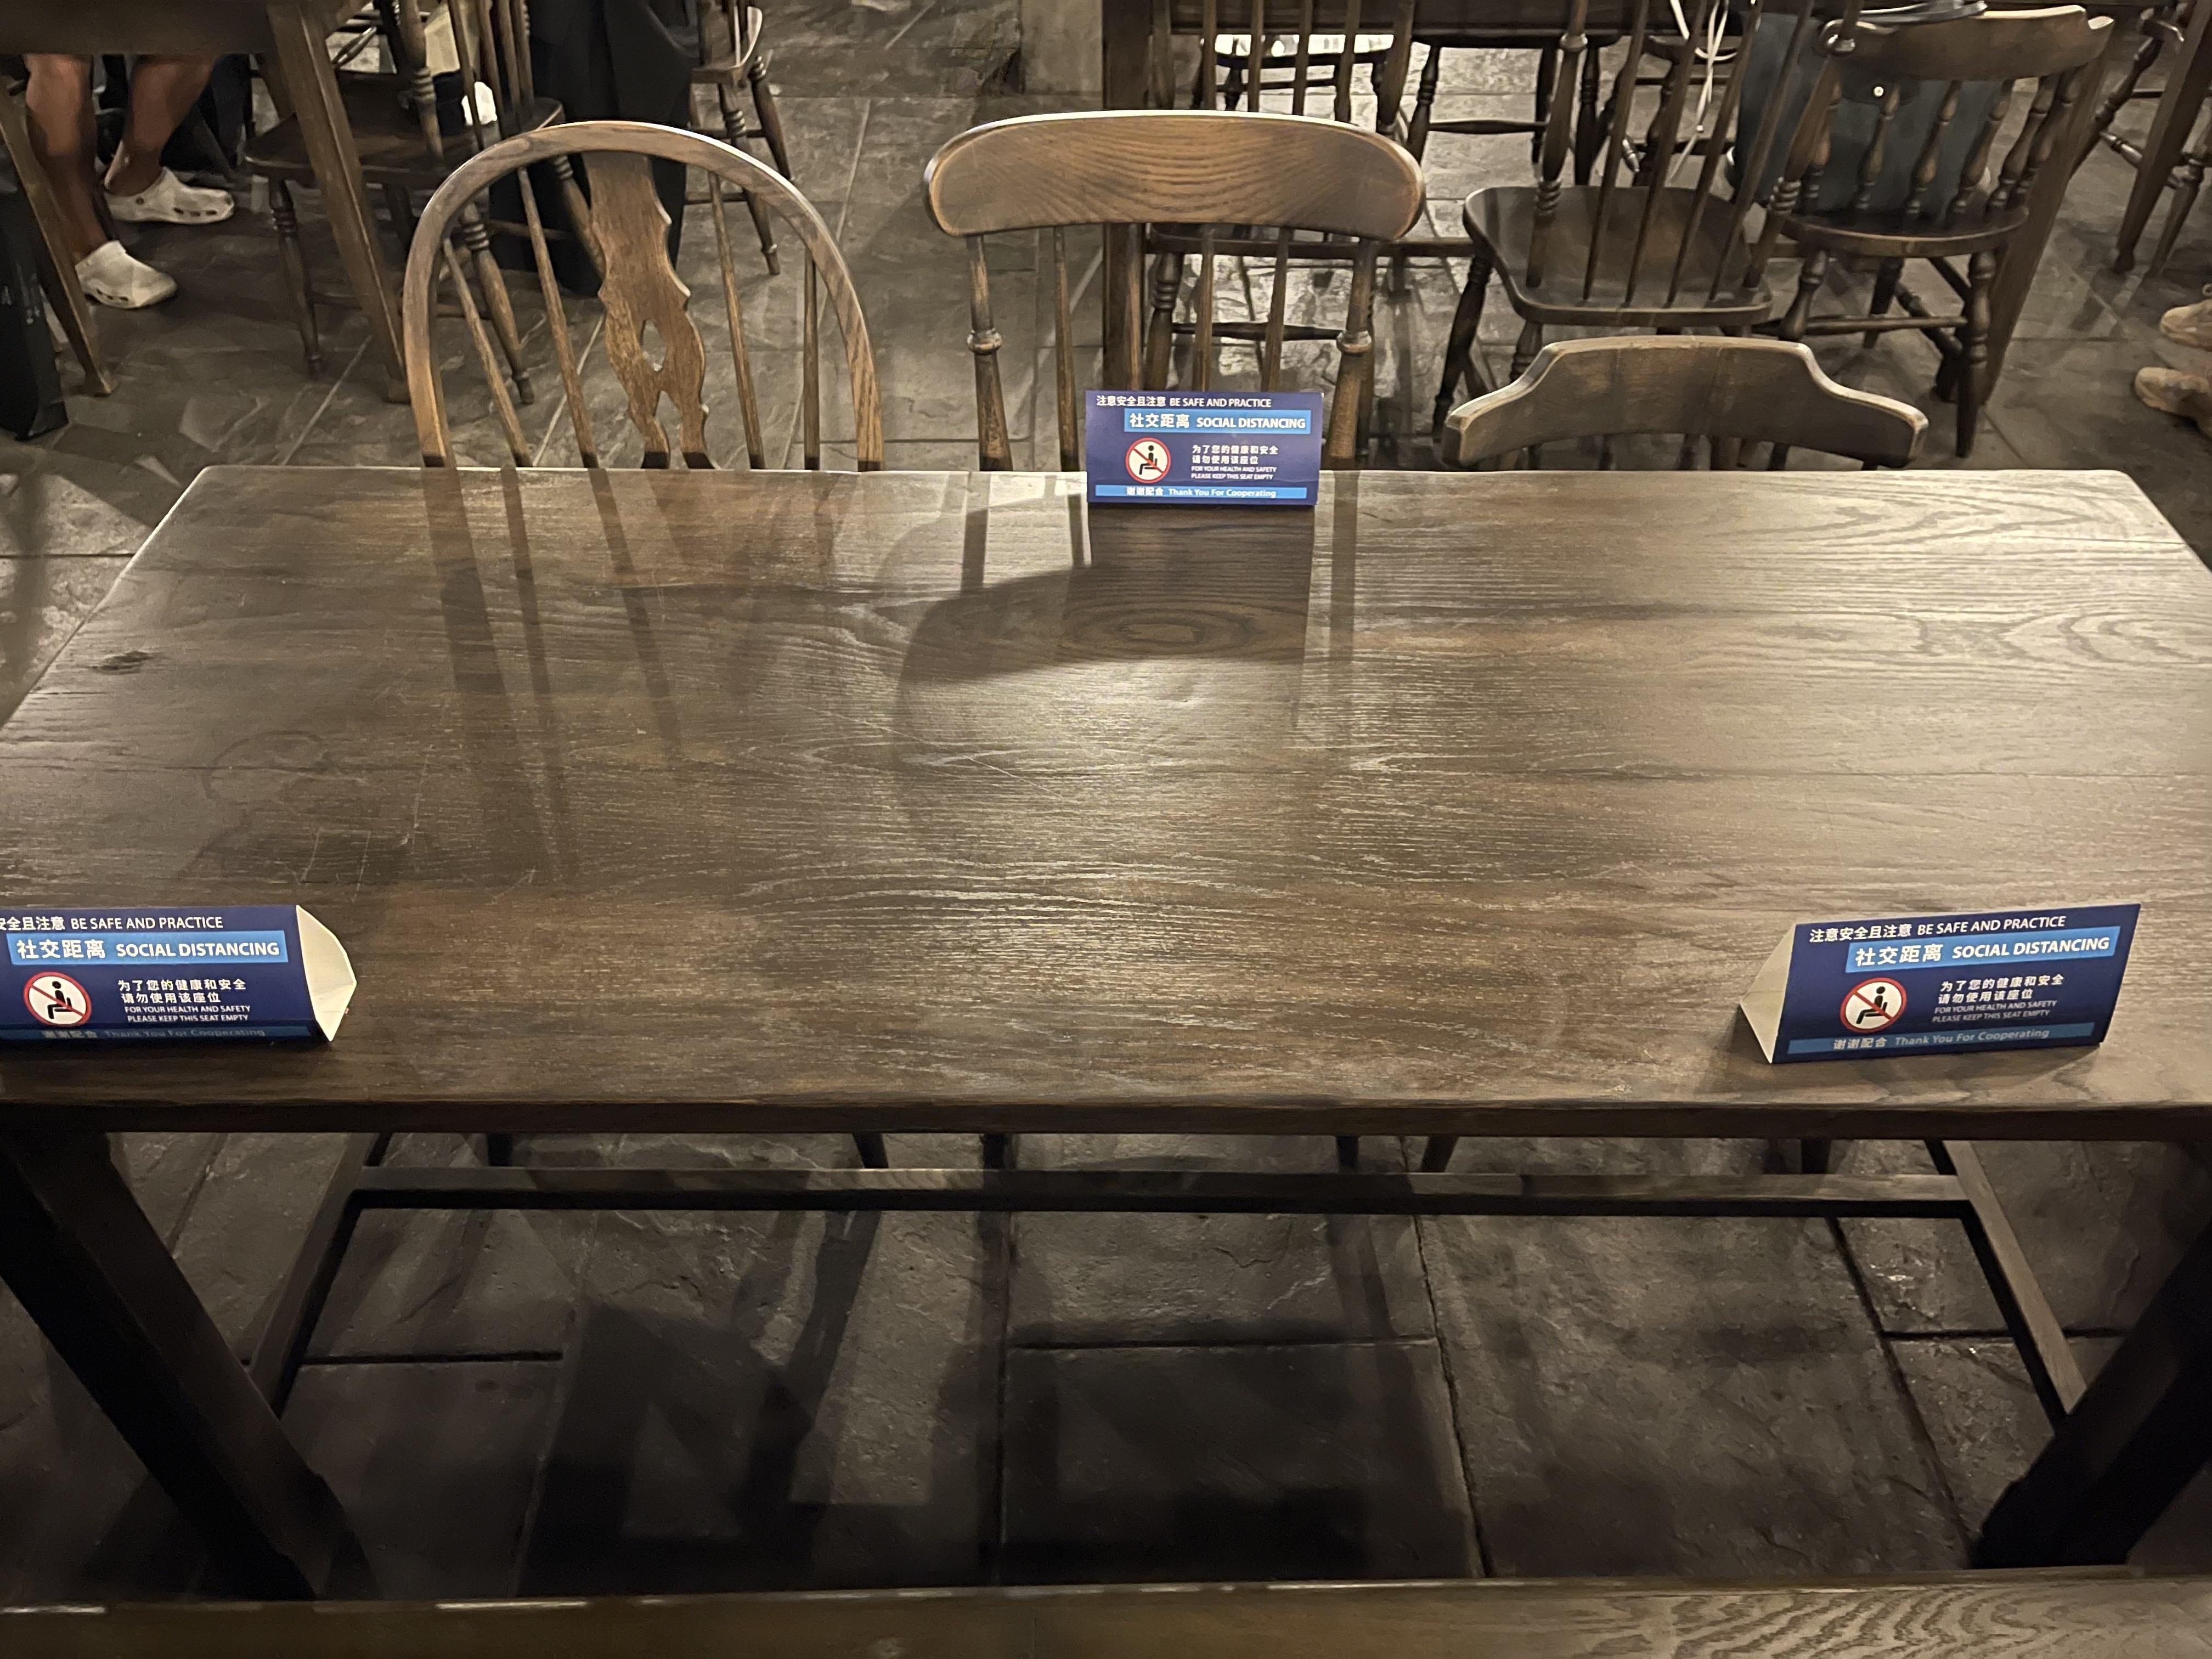 间隔座位的餐桌上牢牢粘上了注意社交距离的指示牌。